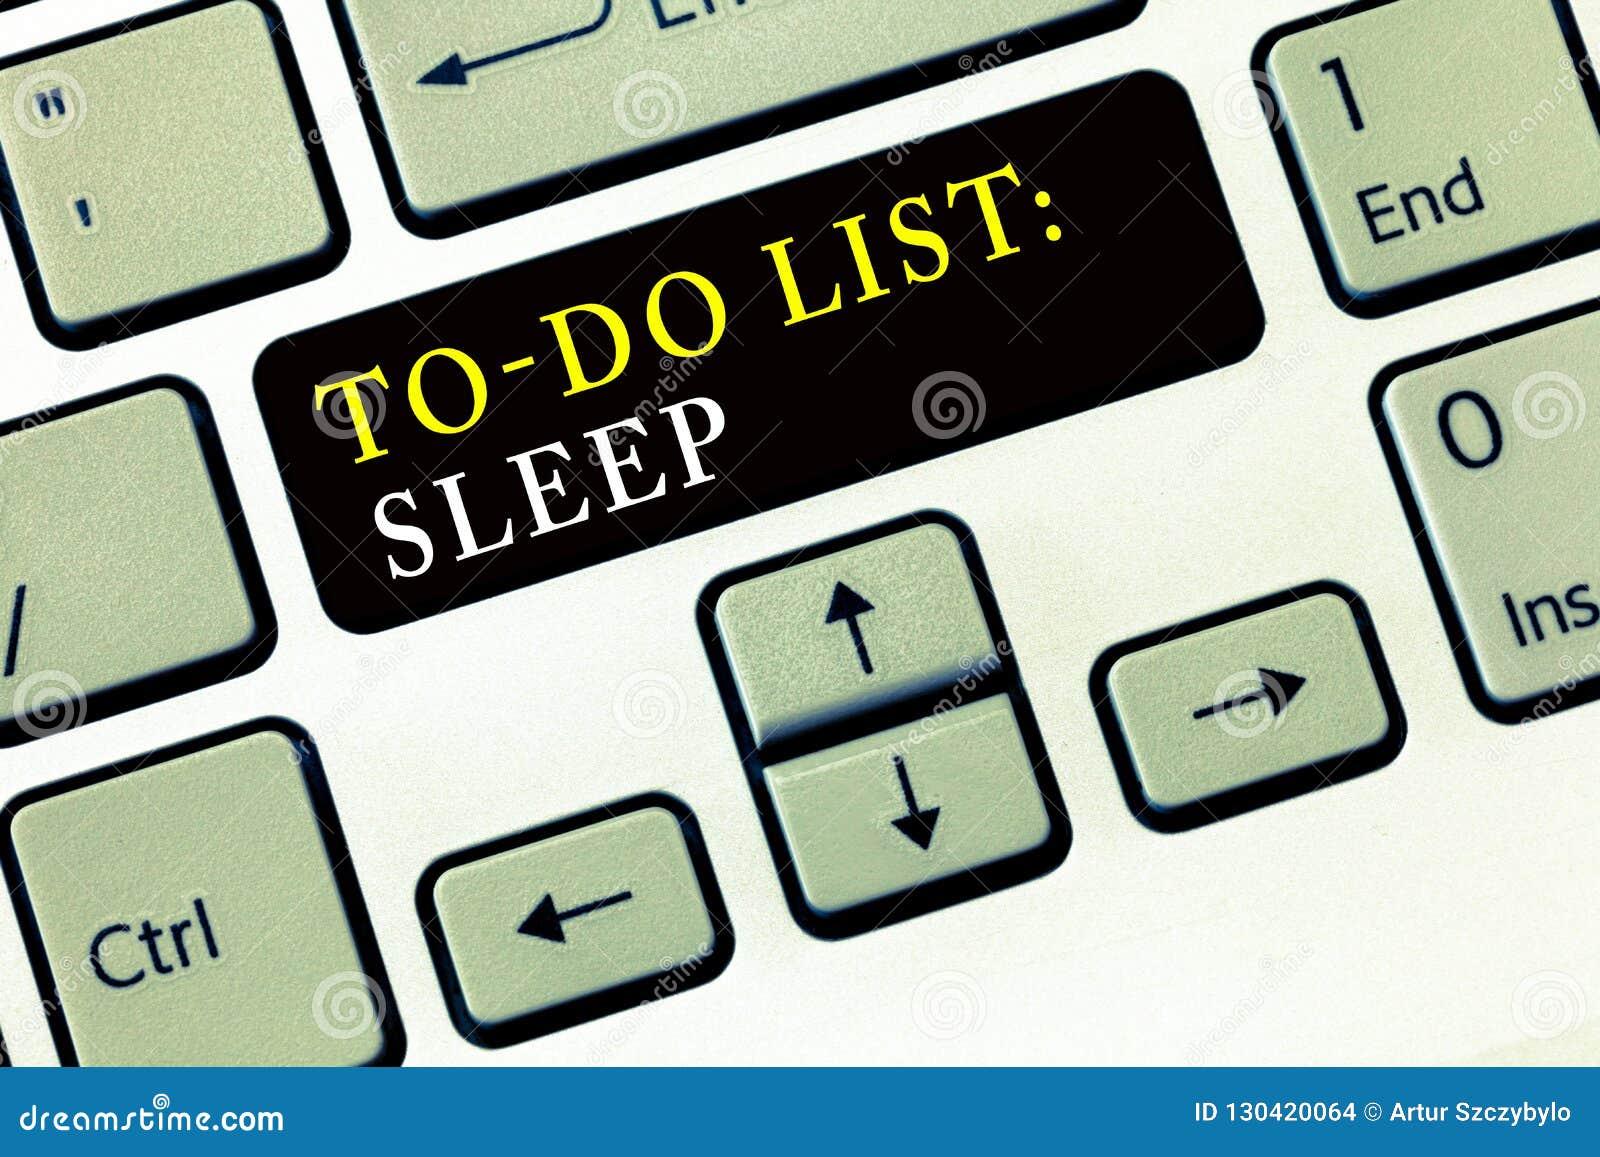 Pisać nutowym seansie Robić lista sen Biznesowa fotografia pokazuje rzeczy być robić priorytetu przedmiotem jest brać odpoczynek